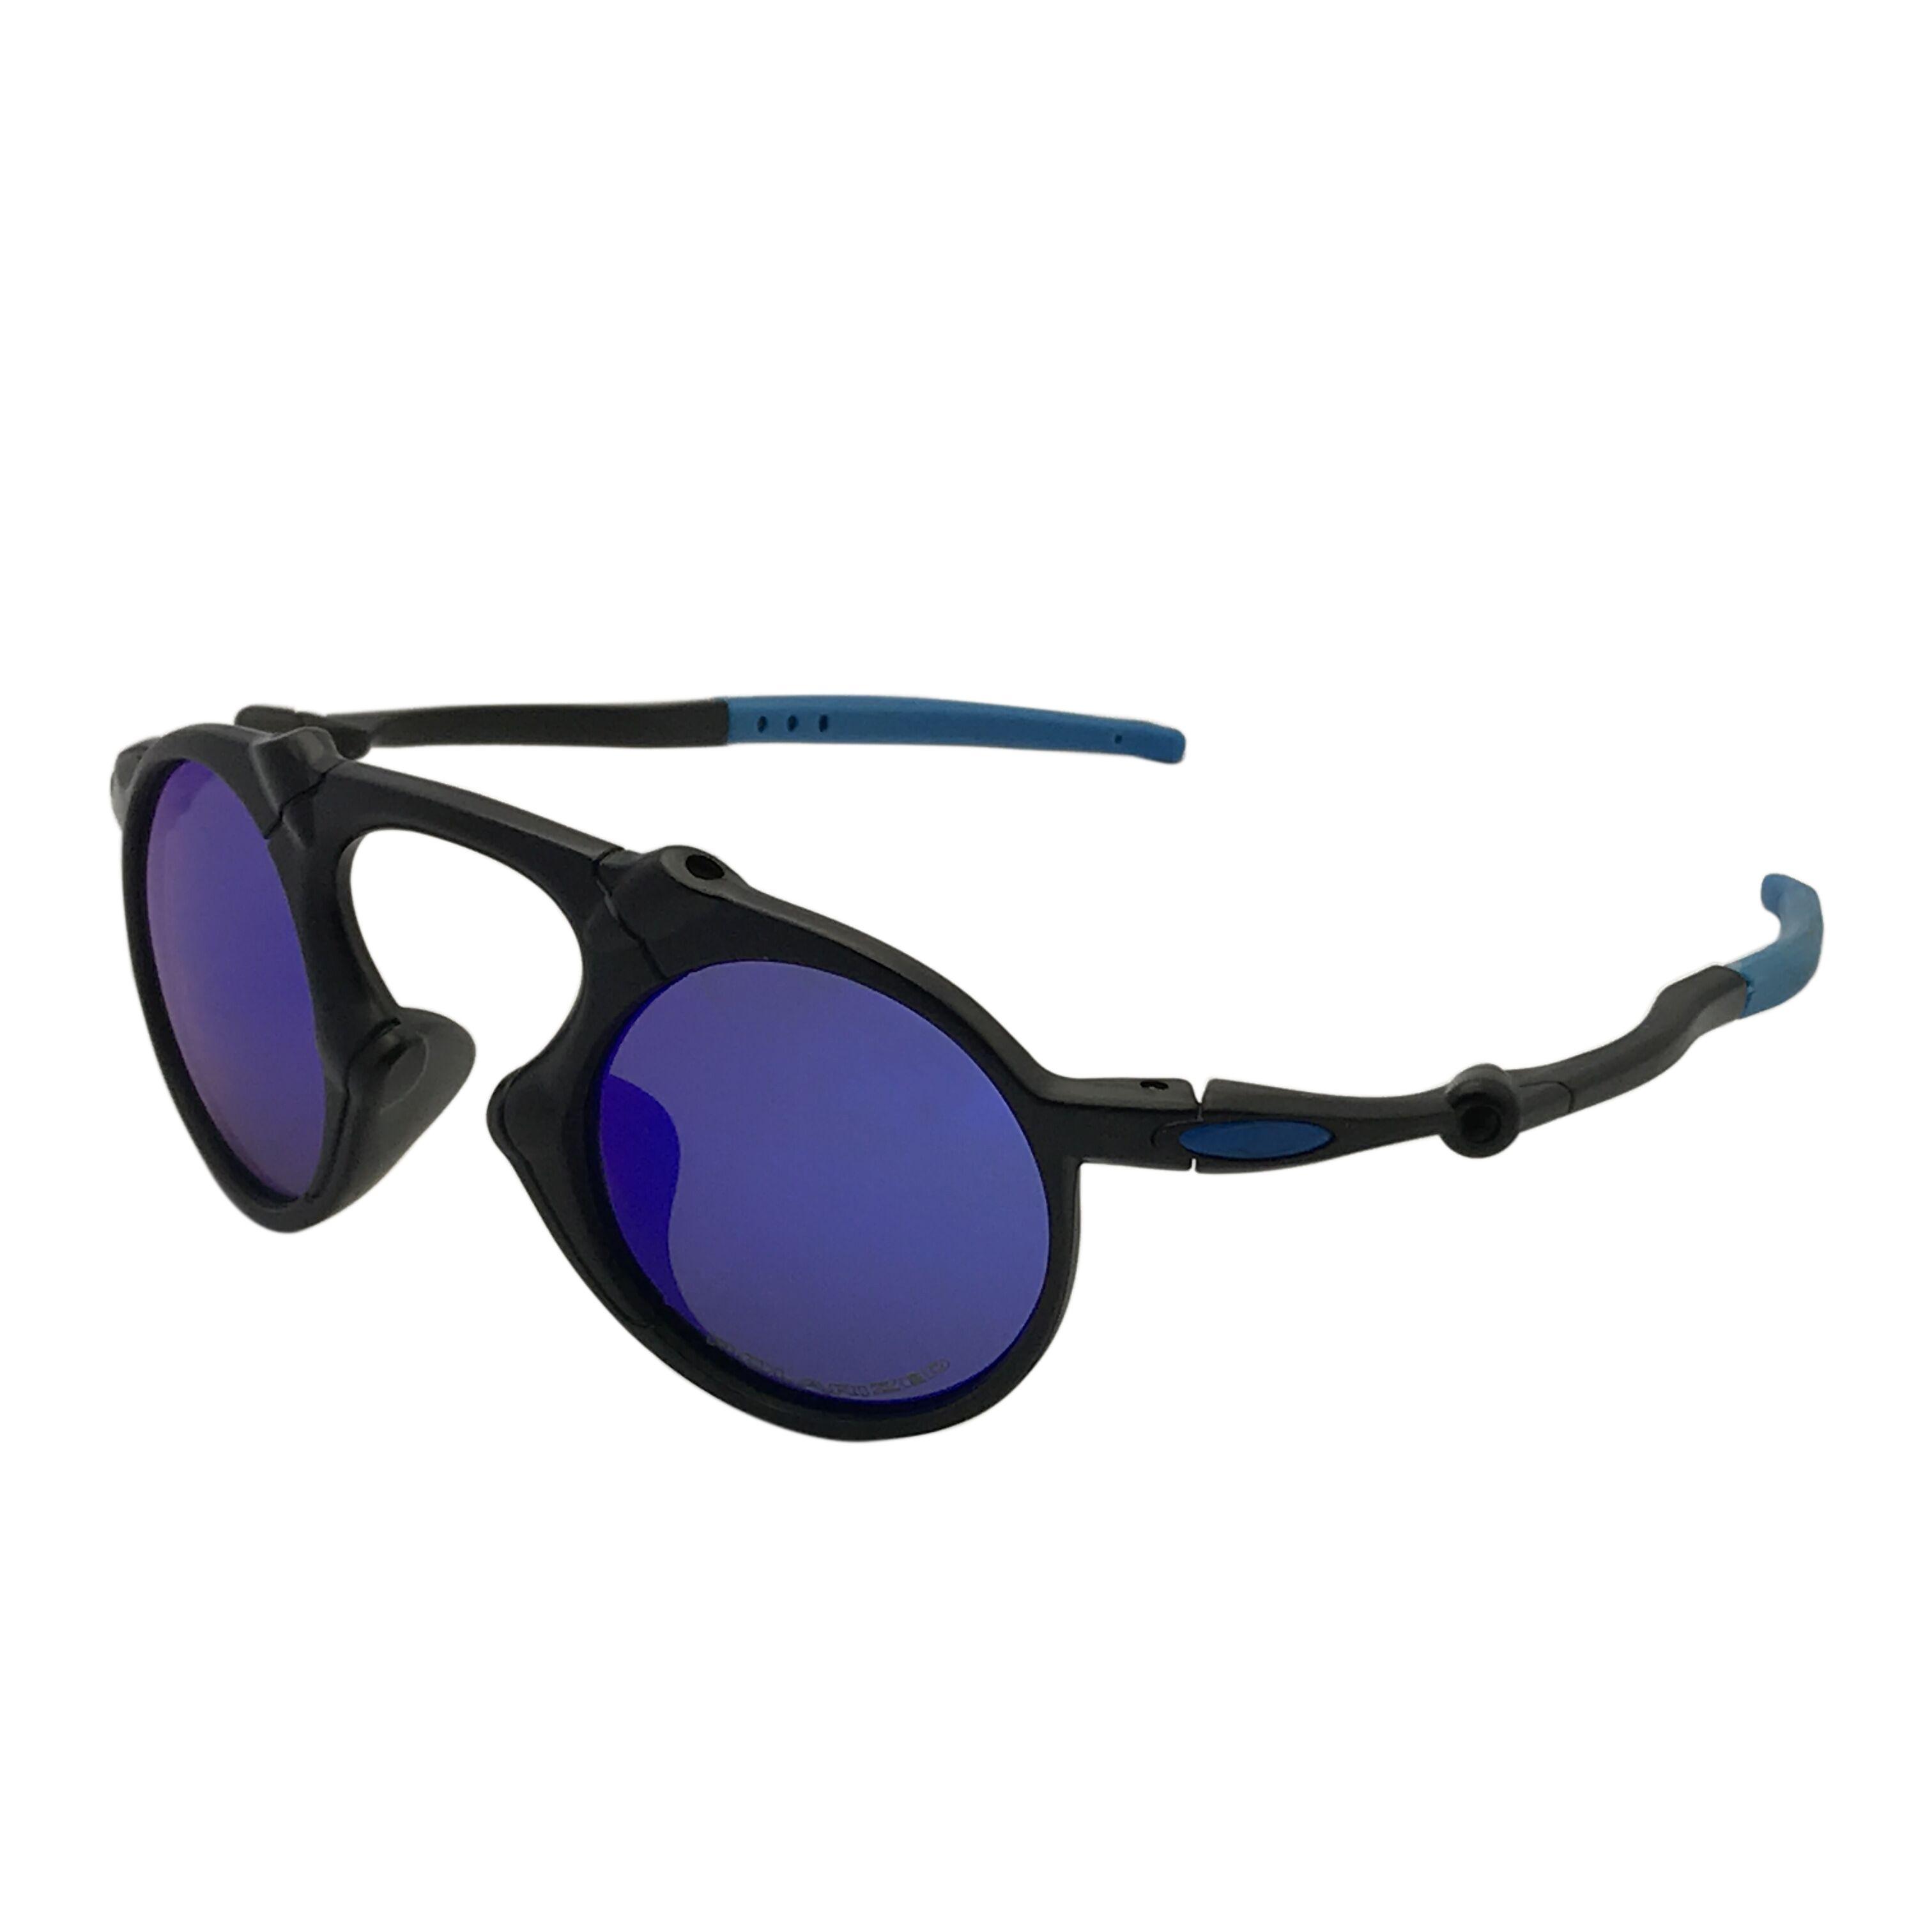 8e6fa675af81 Designer Sunglasses O 6019 Mado Man Dark Carbon Prizm Daily Black Frame  Blue Mercury Iridium Plarized Lens OK84 Sunglasses Hut Reading Glasses From  ...